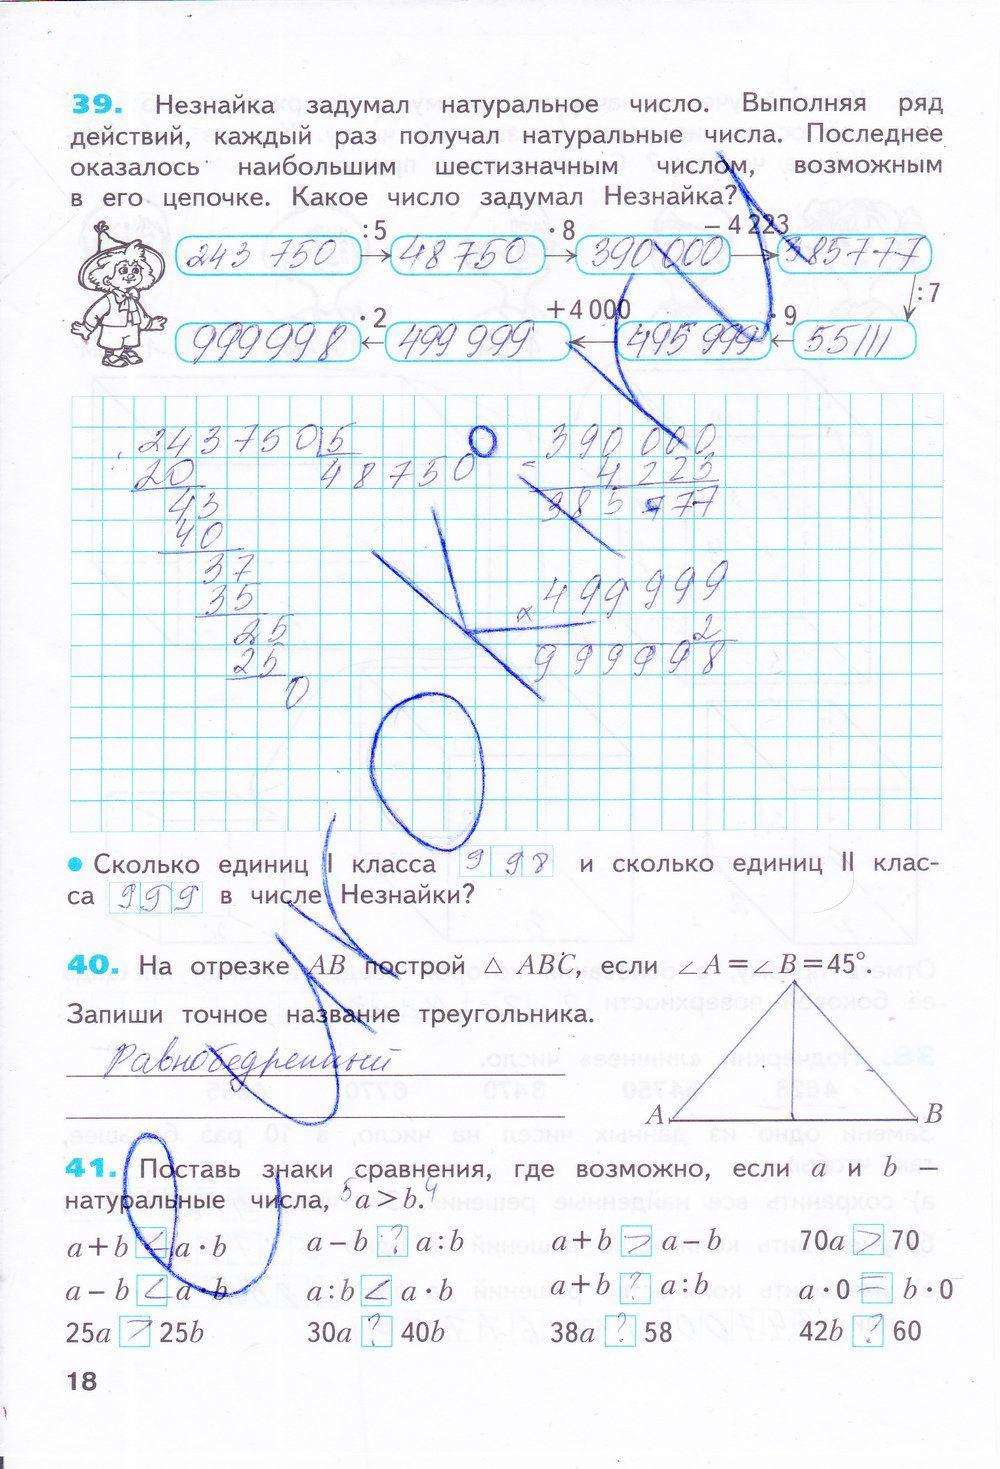 Spishy ru гдз по физике